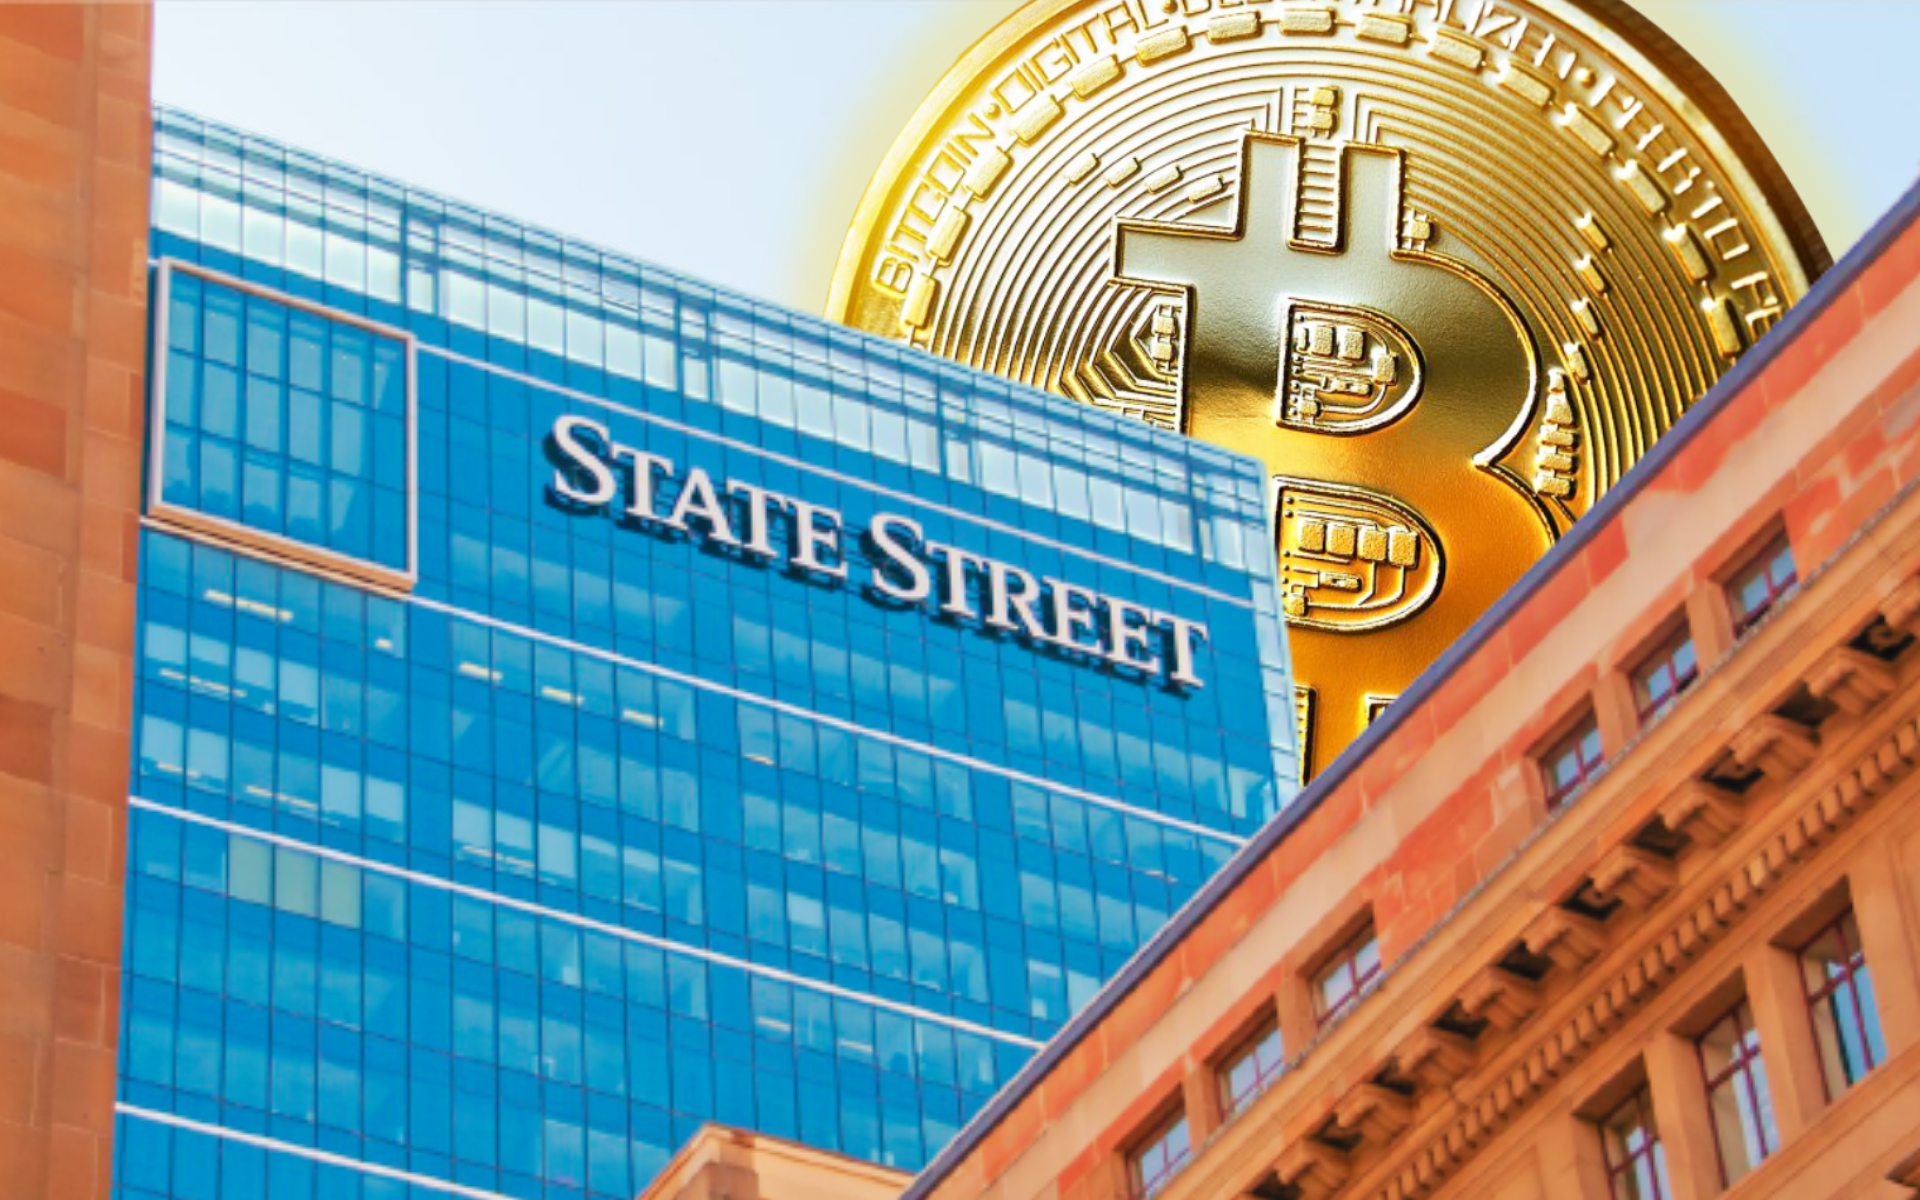 又一華爾街巨頭進場布局!道富銀行將推「加密貨幣服務」